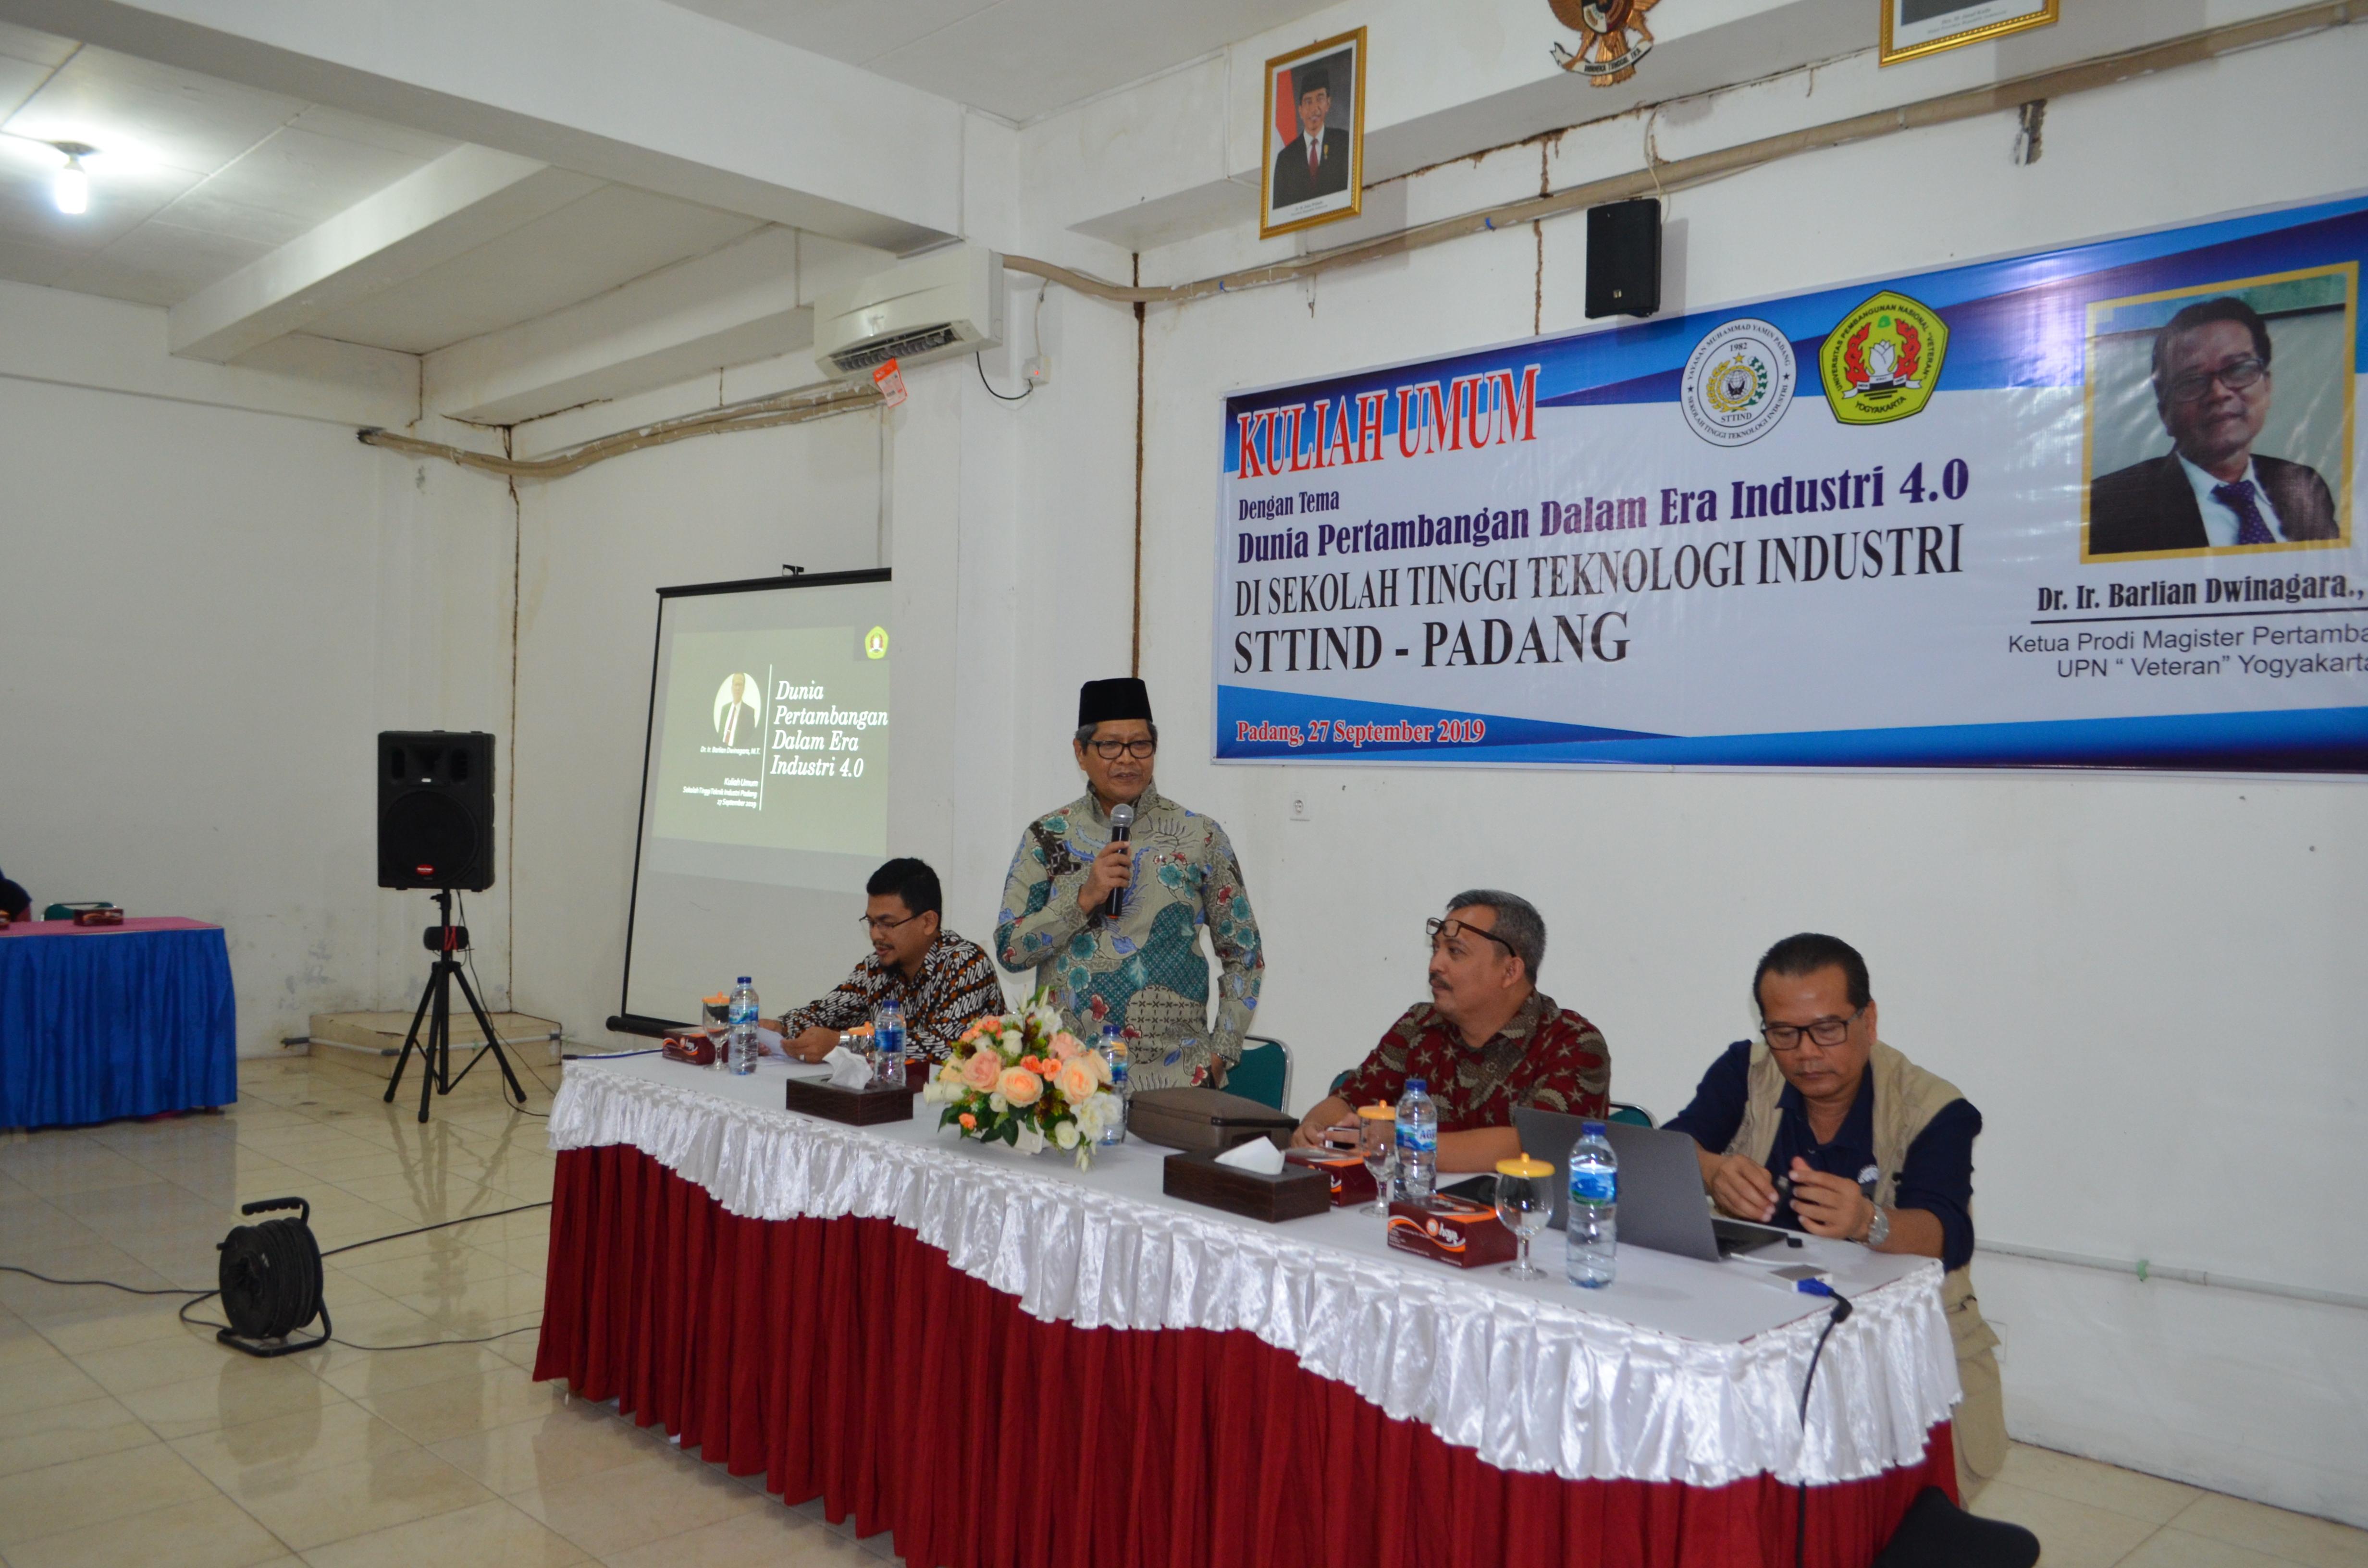 """Kuliah Umum Bersama Dr.Ir. Barlian Dwinagara.,MT """" Dunia Pertambangan Dalam Era Industri 4.0"""